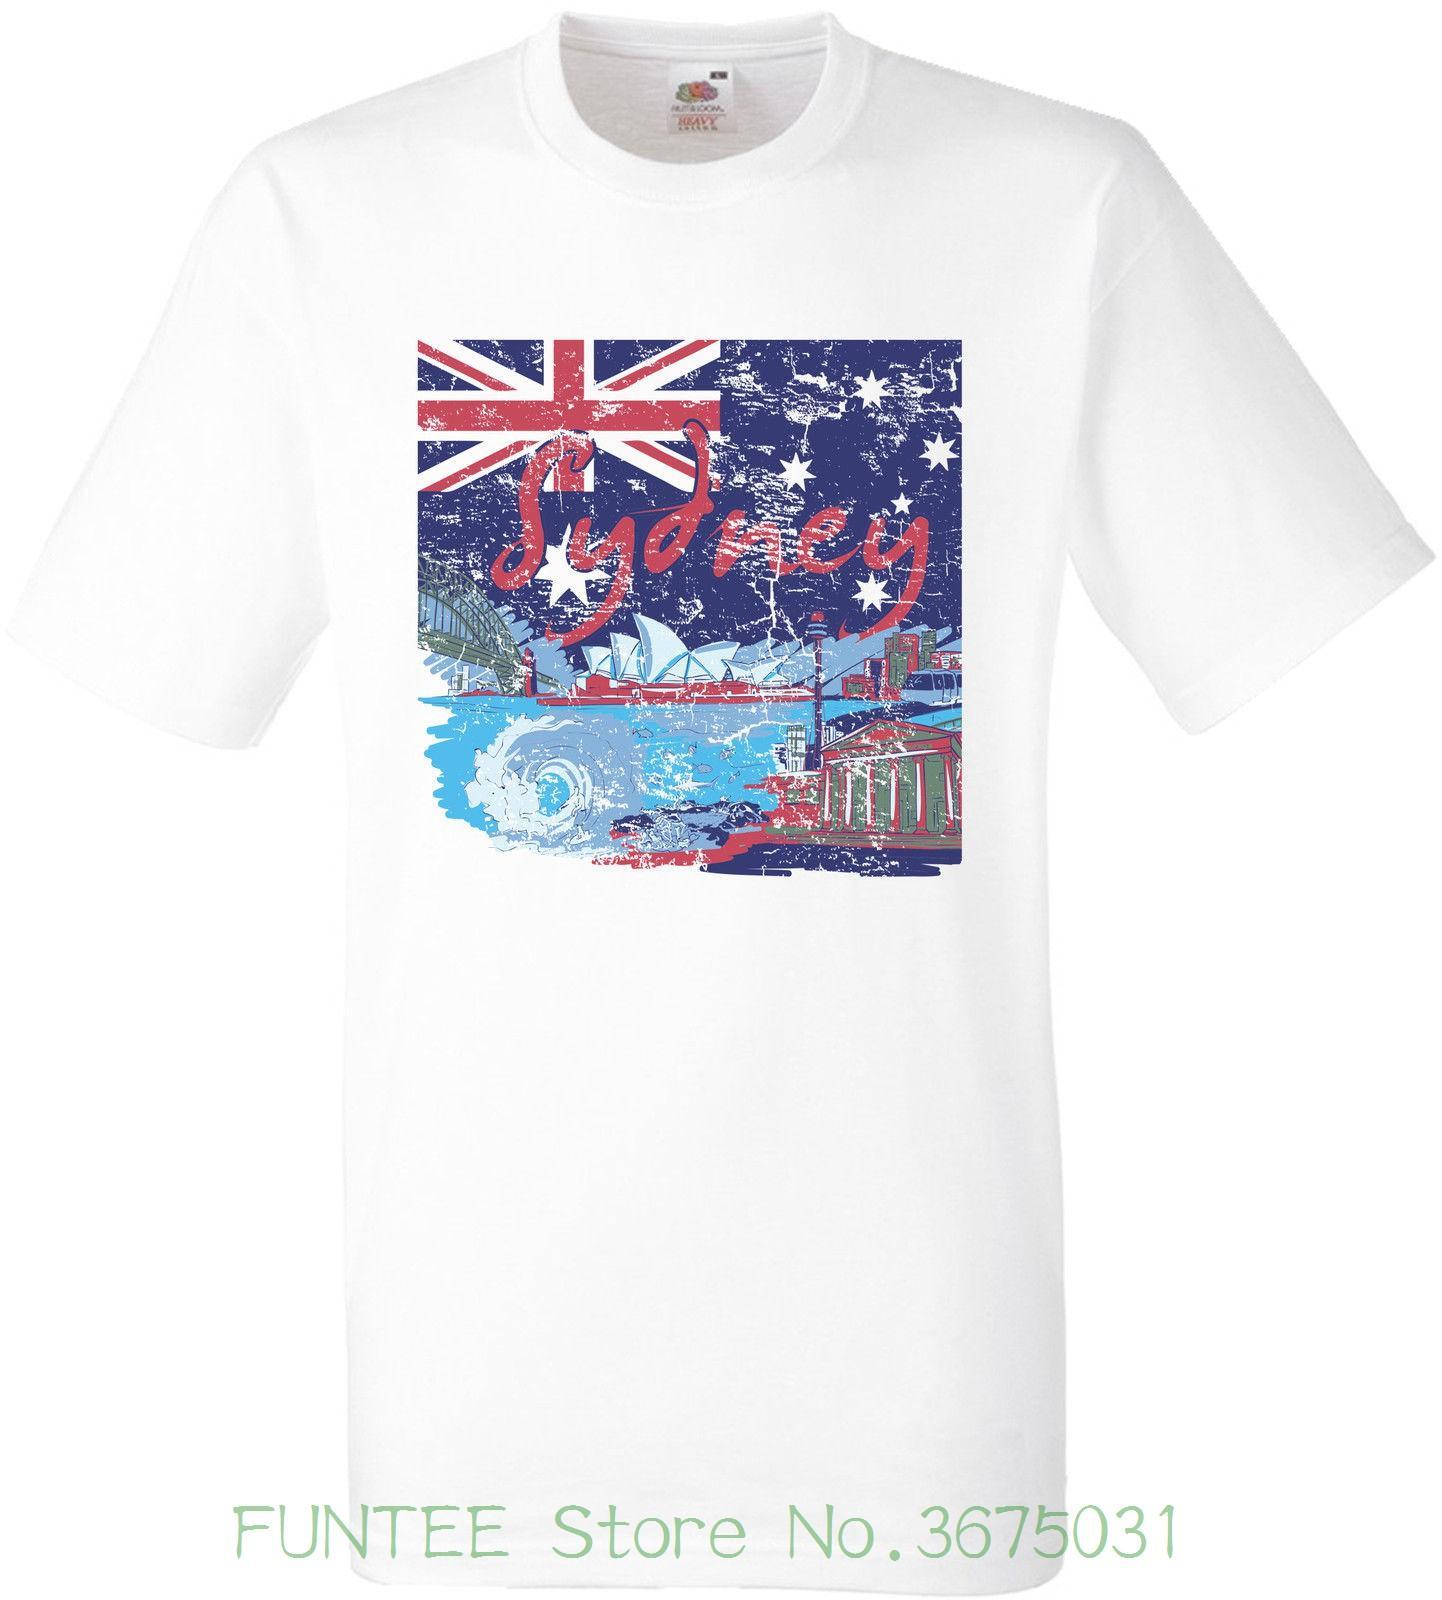 T Shirt Australie Australie T Femme Australie Femme Australie T Shirt Femme Shirt iukZXOP